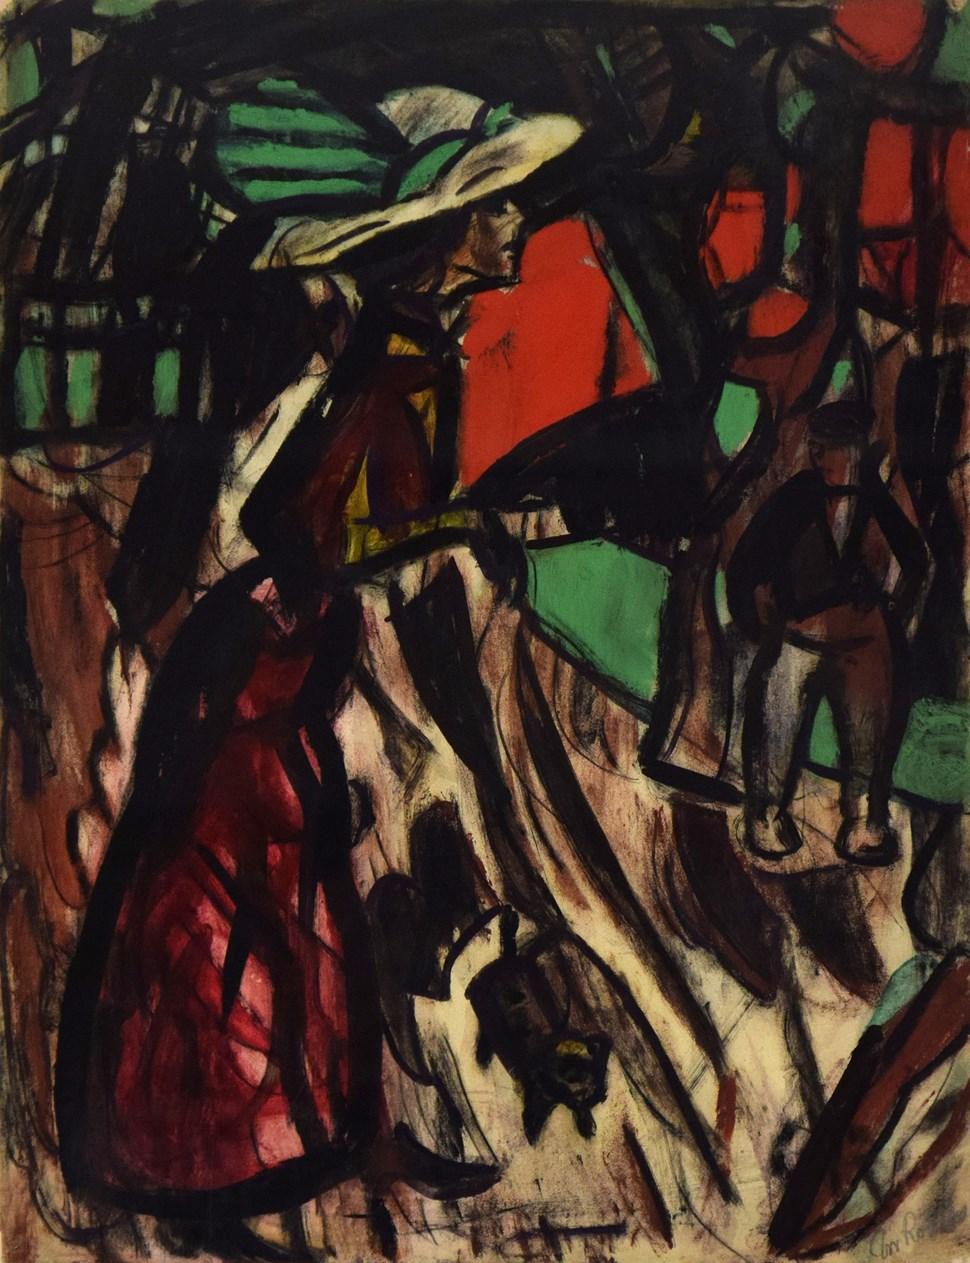 Strassenszene mit einer Frau, Begegnung - Christian Rohlfs (1849 - 1938)